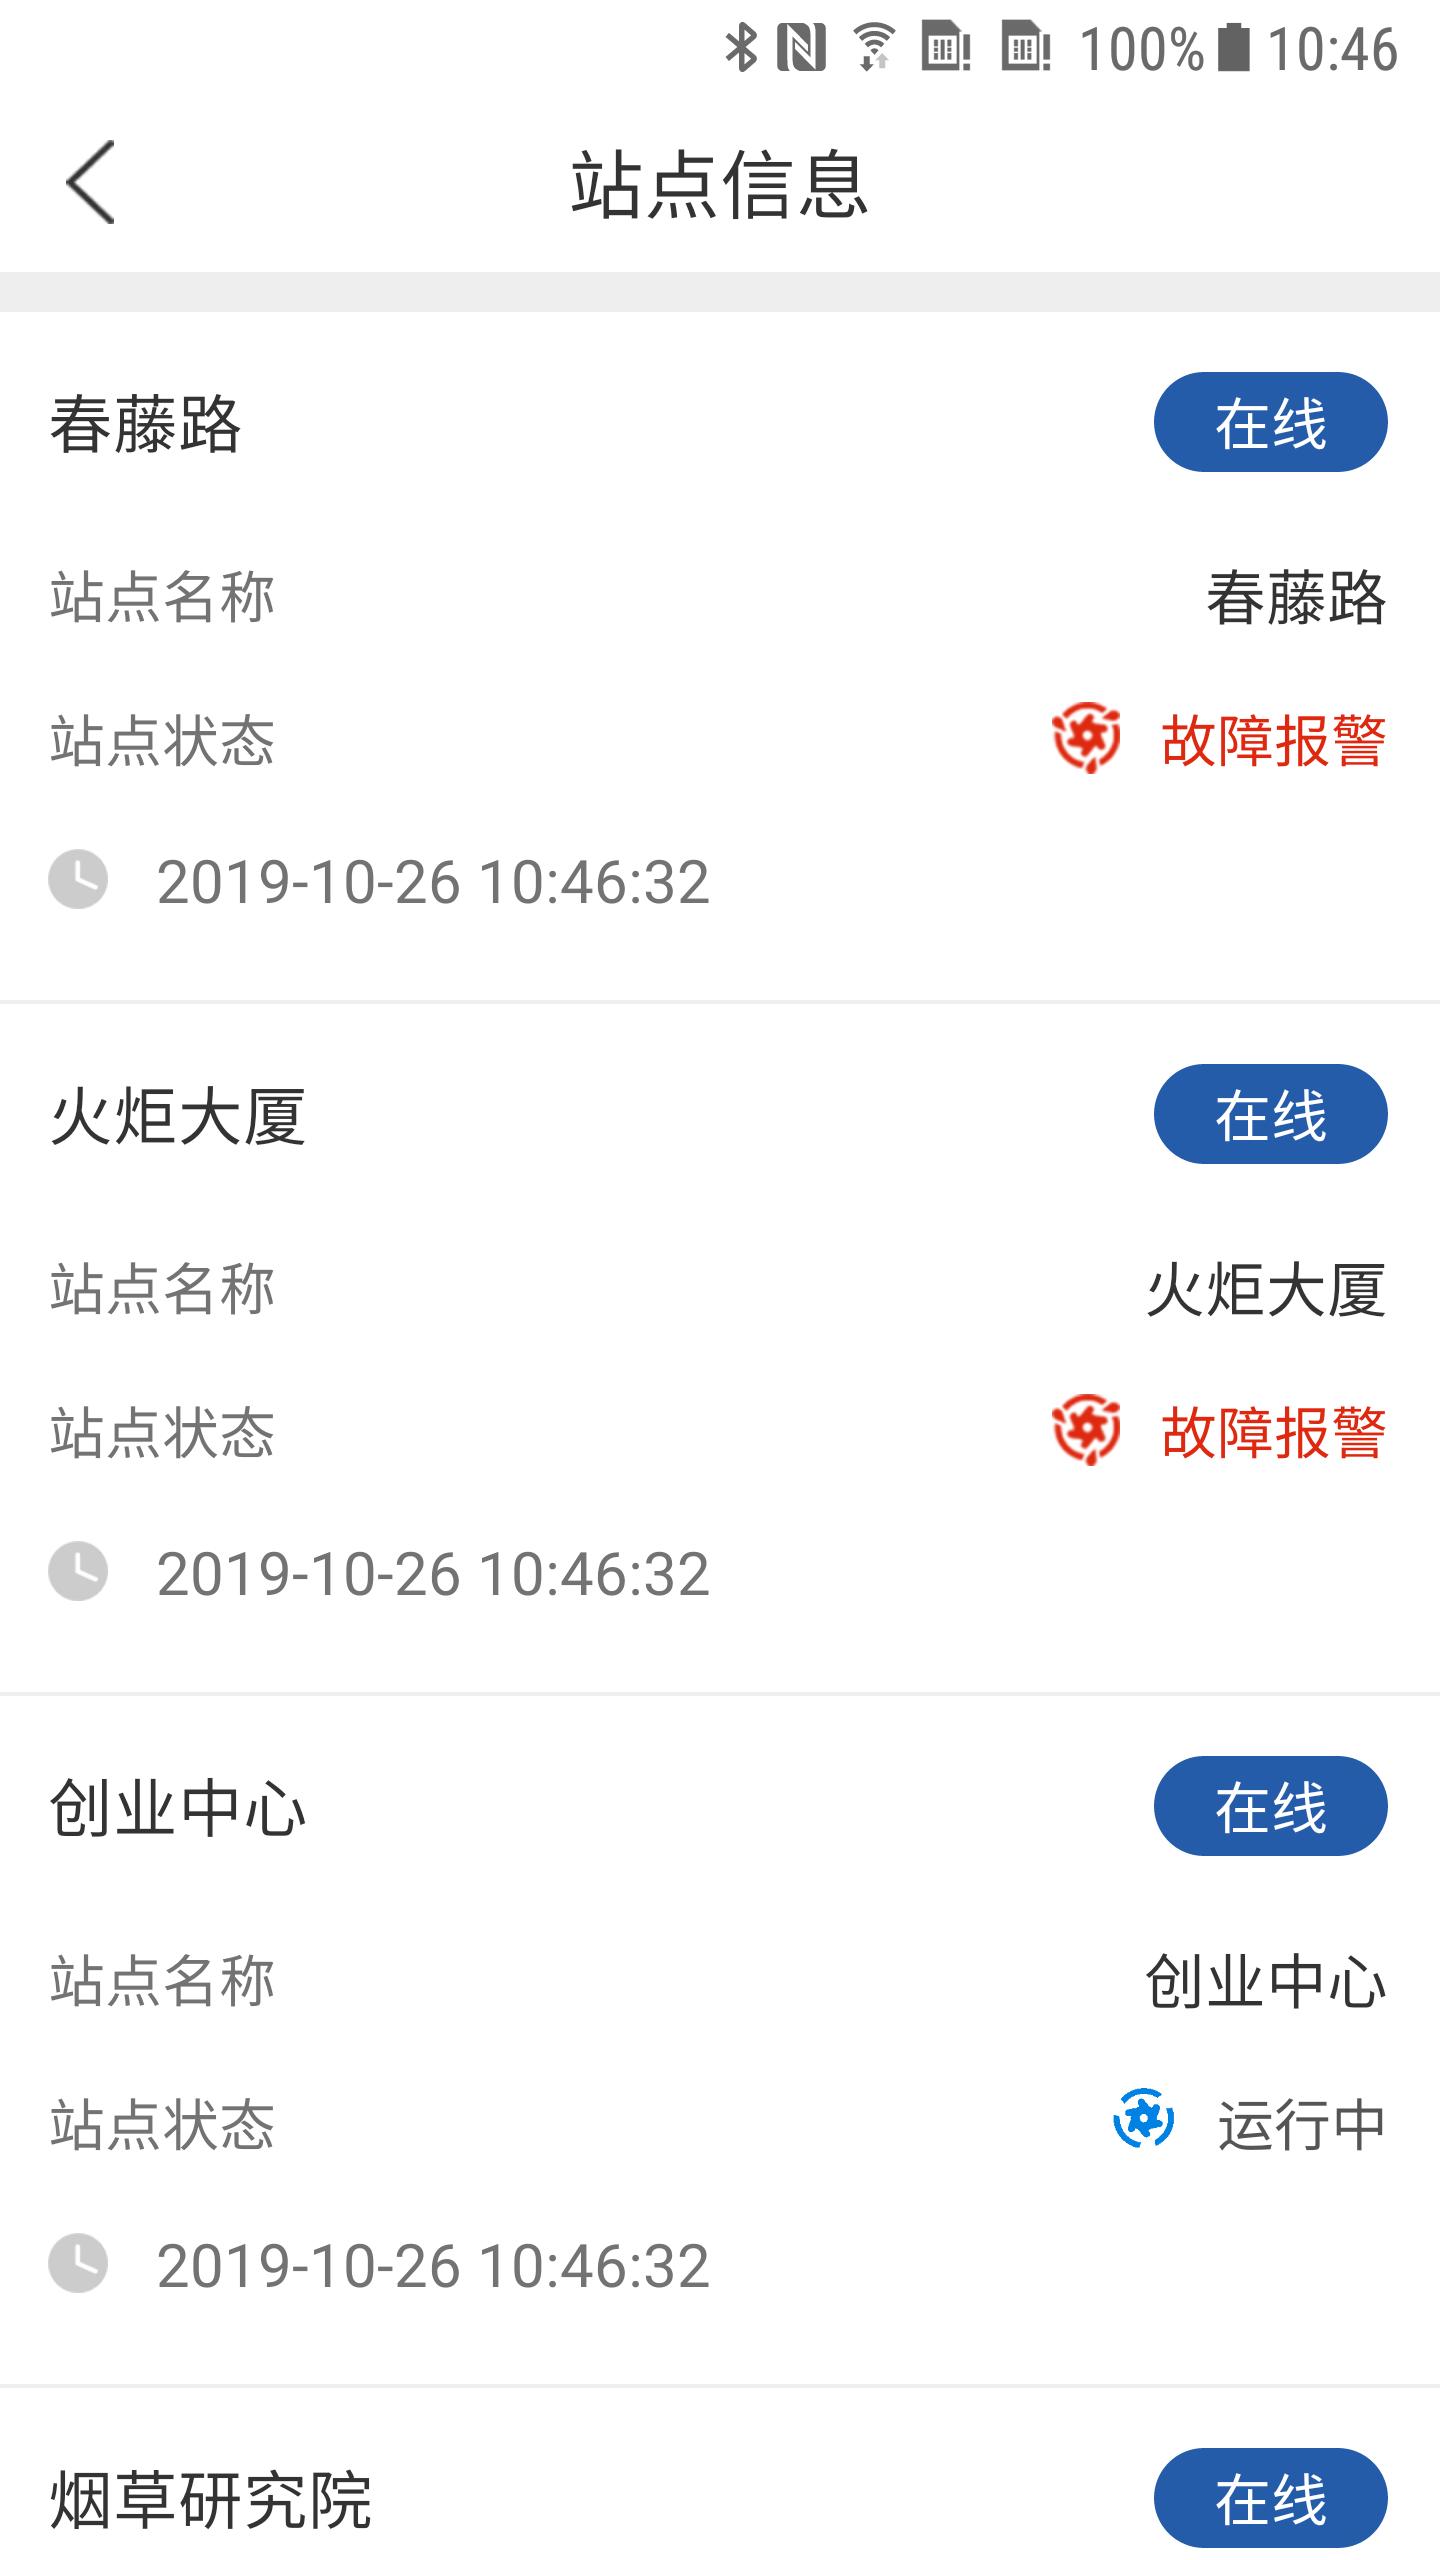 荔枝科技 V1.1.4 安卓版截图4